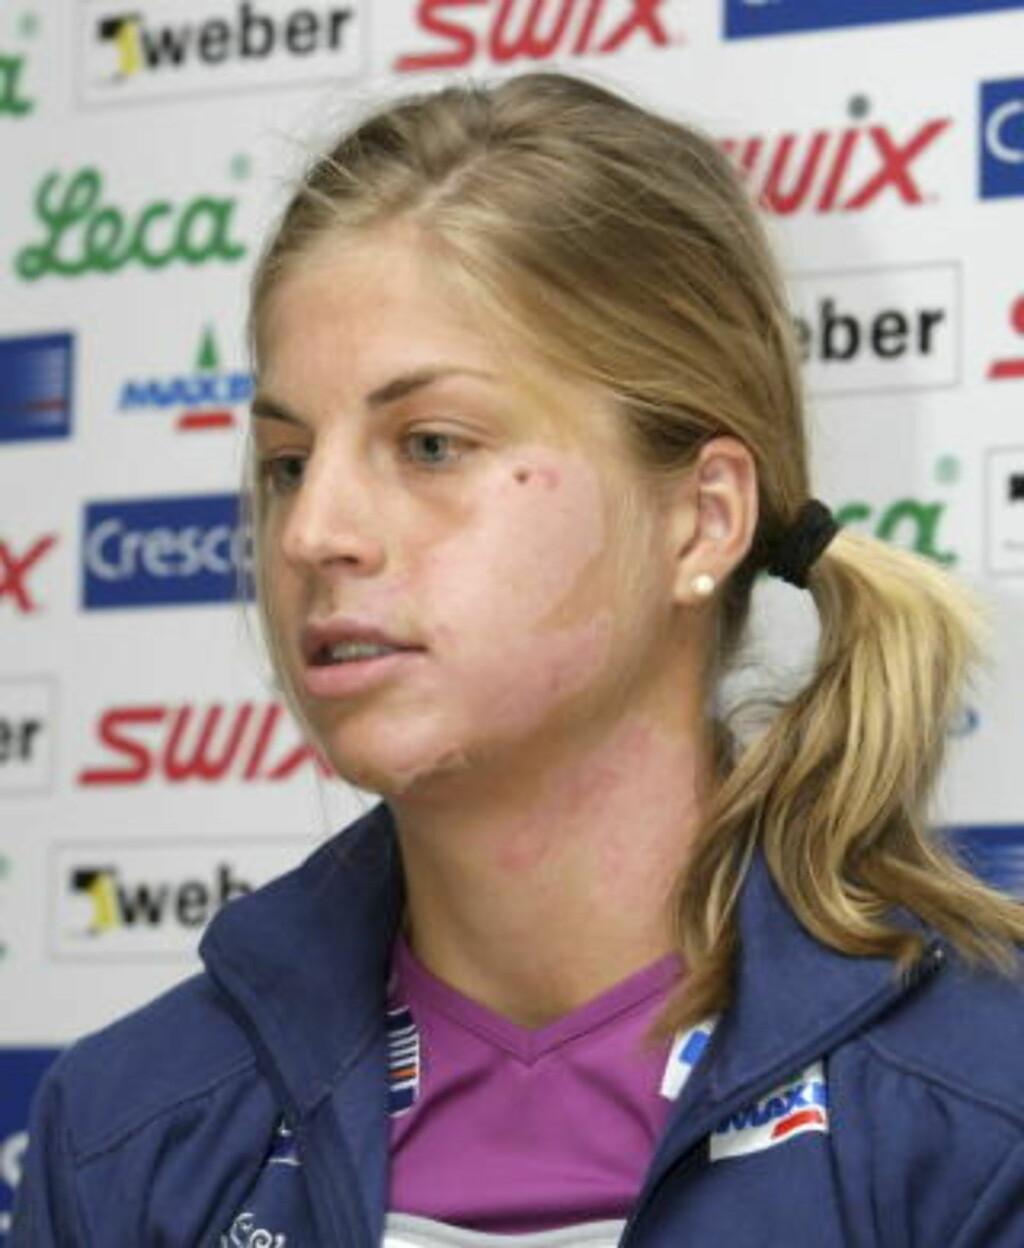 LANG VEI TILBAKE: OL var det siste Astrid Uhrenholdt Jacobsen tenkte på da hun møtte pressen i august, en stund etter at hun hadde skadet seg stygt på sykkelen.  Foto: Terje Bendiksby / SCANPIX .